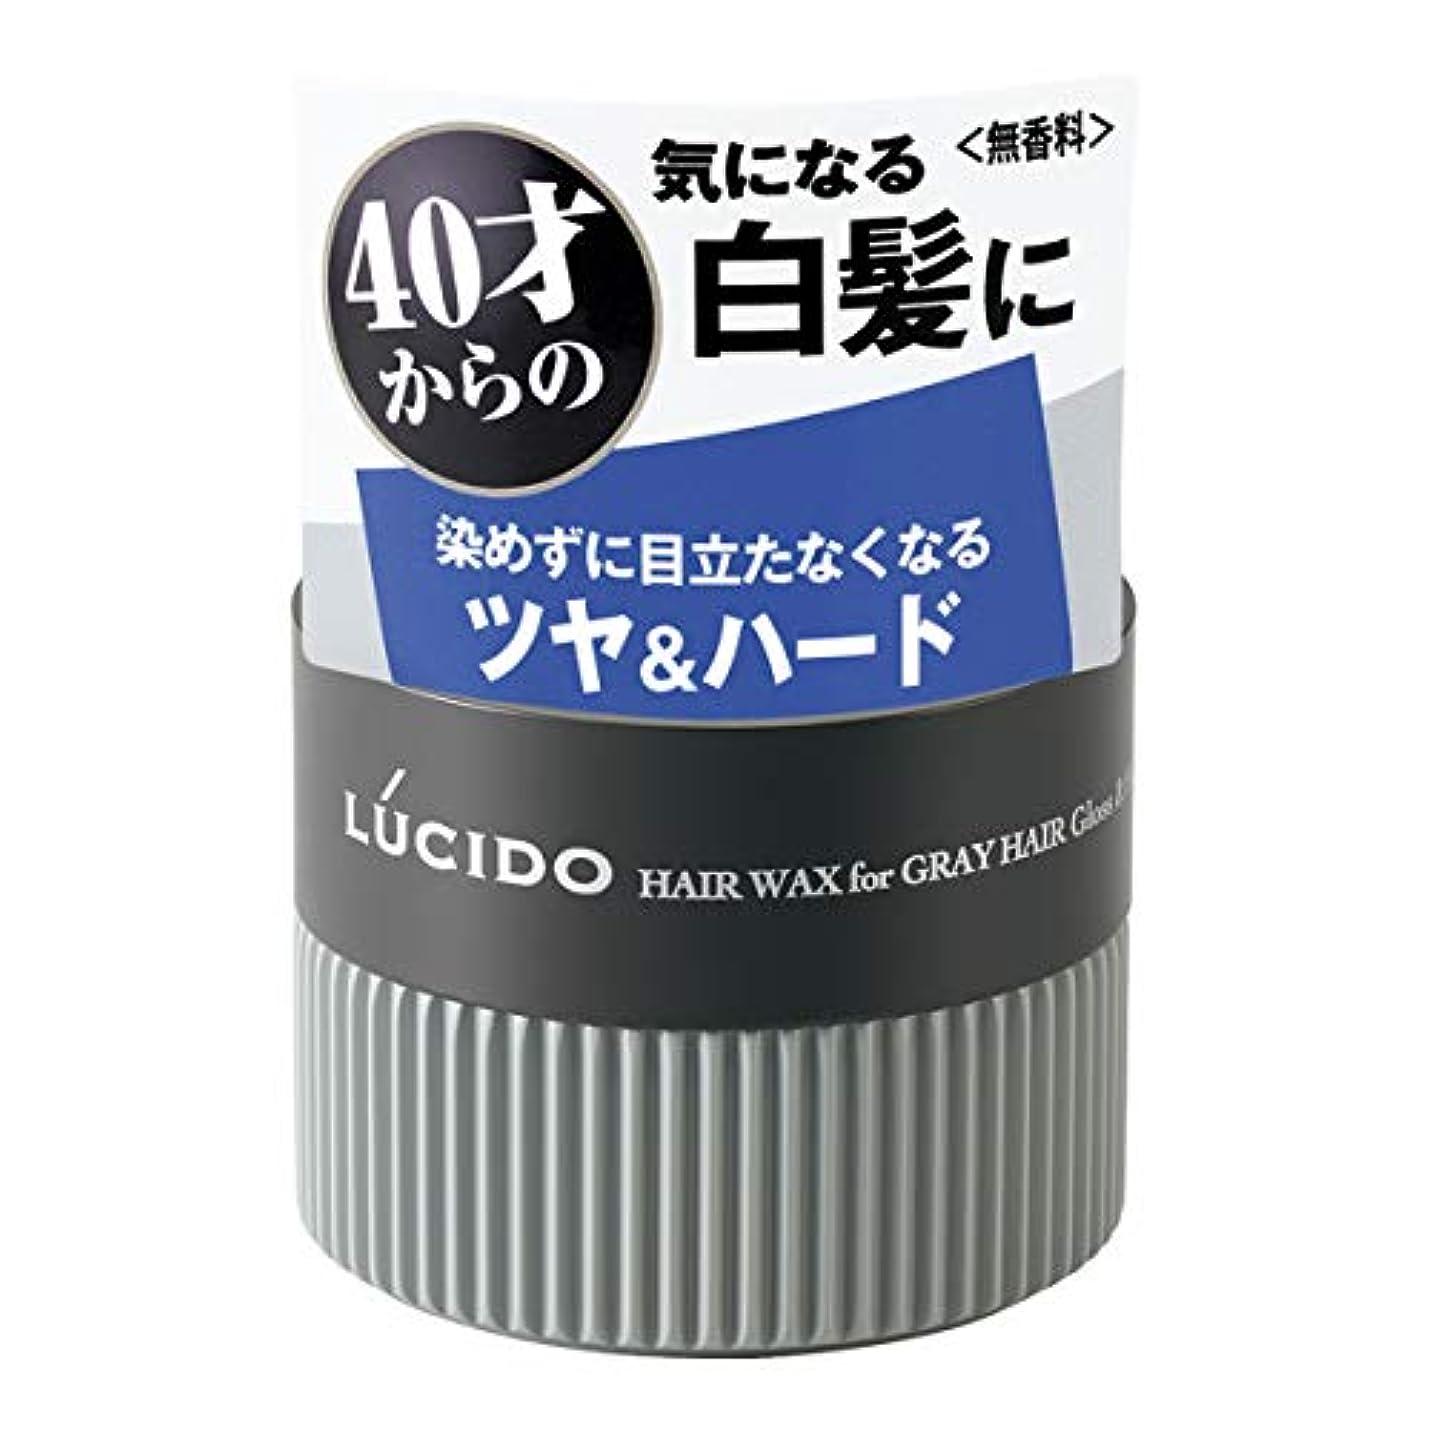 環境恩恵離れてLUCIDO(ルシード) ヘアワックス 白髪用ワックス グロス&ハード 80g